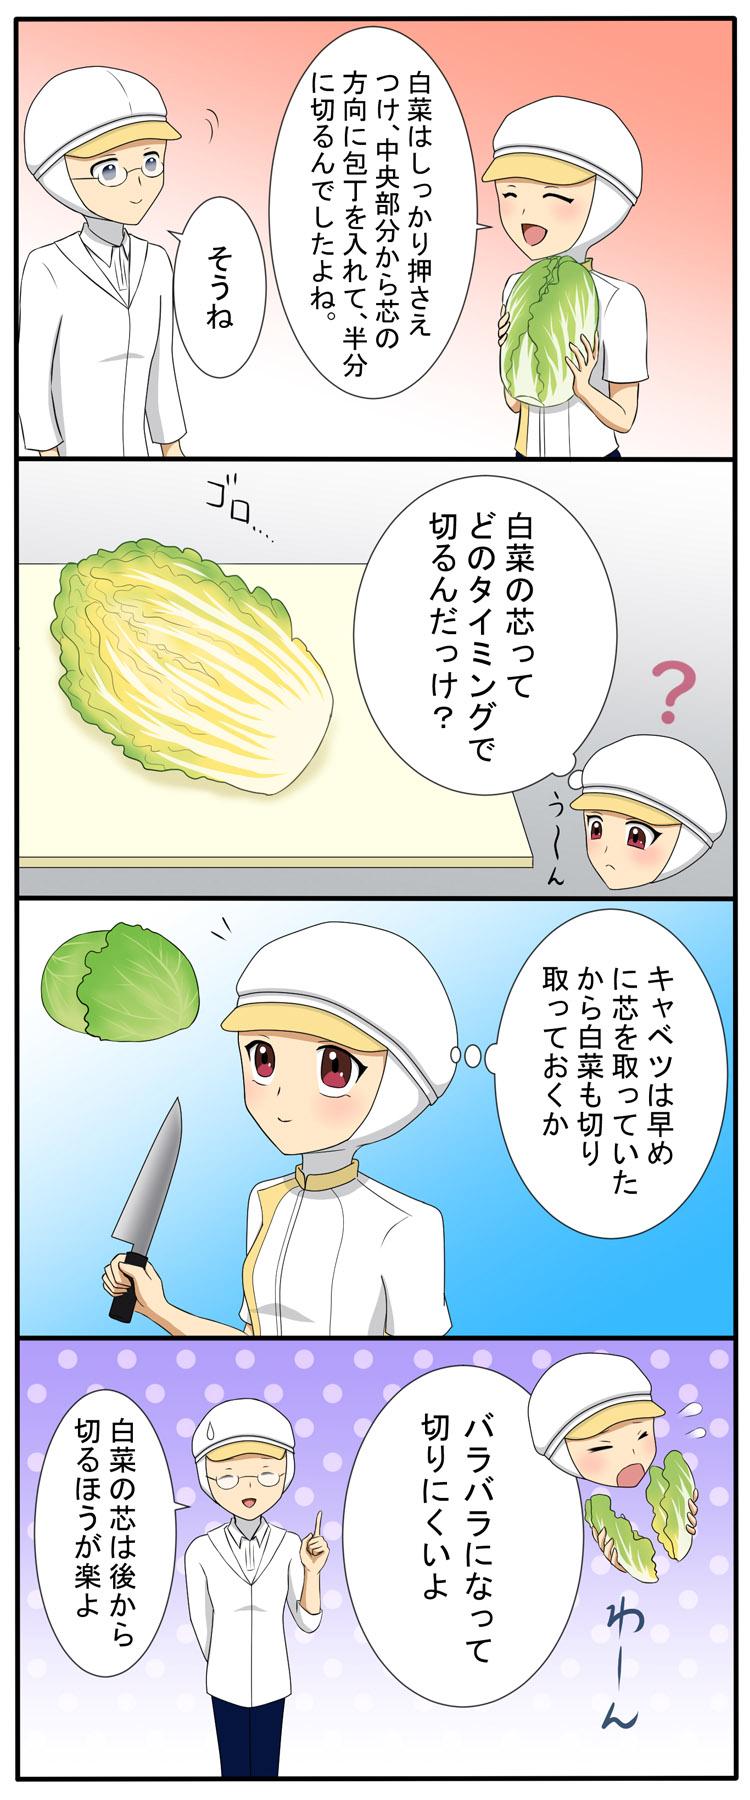 第21話「白菜の芯はいつ切る?」